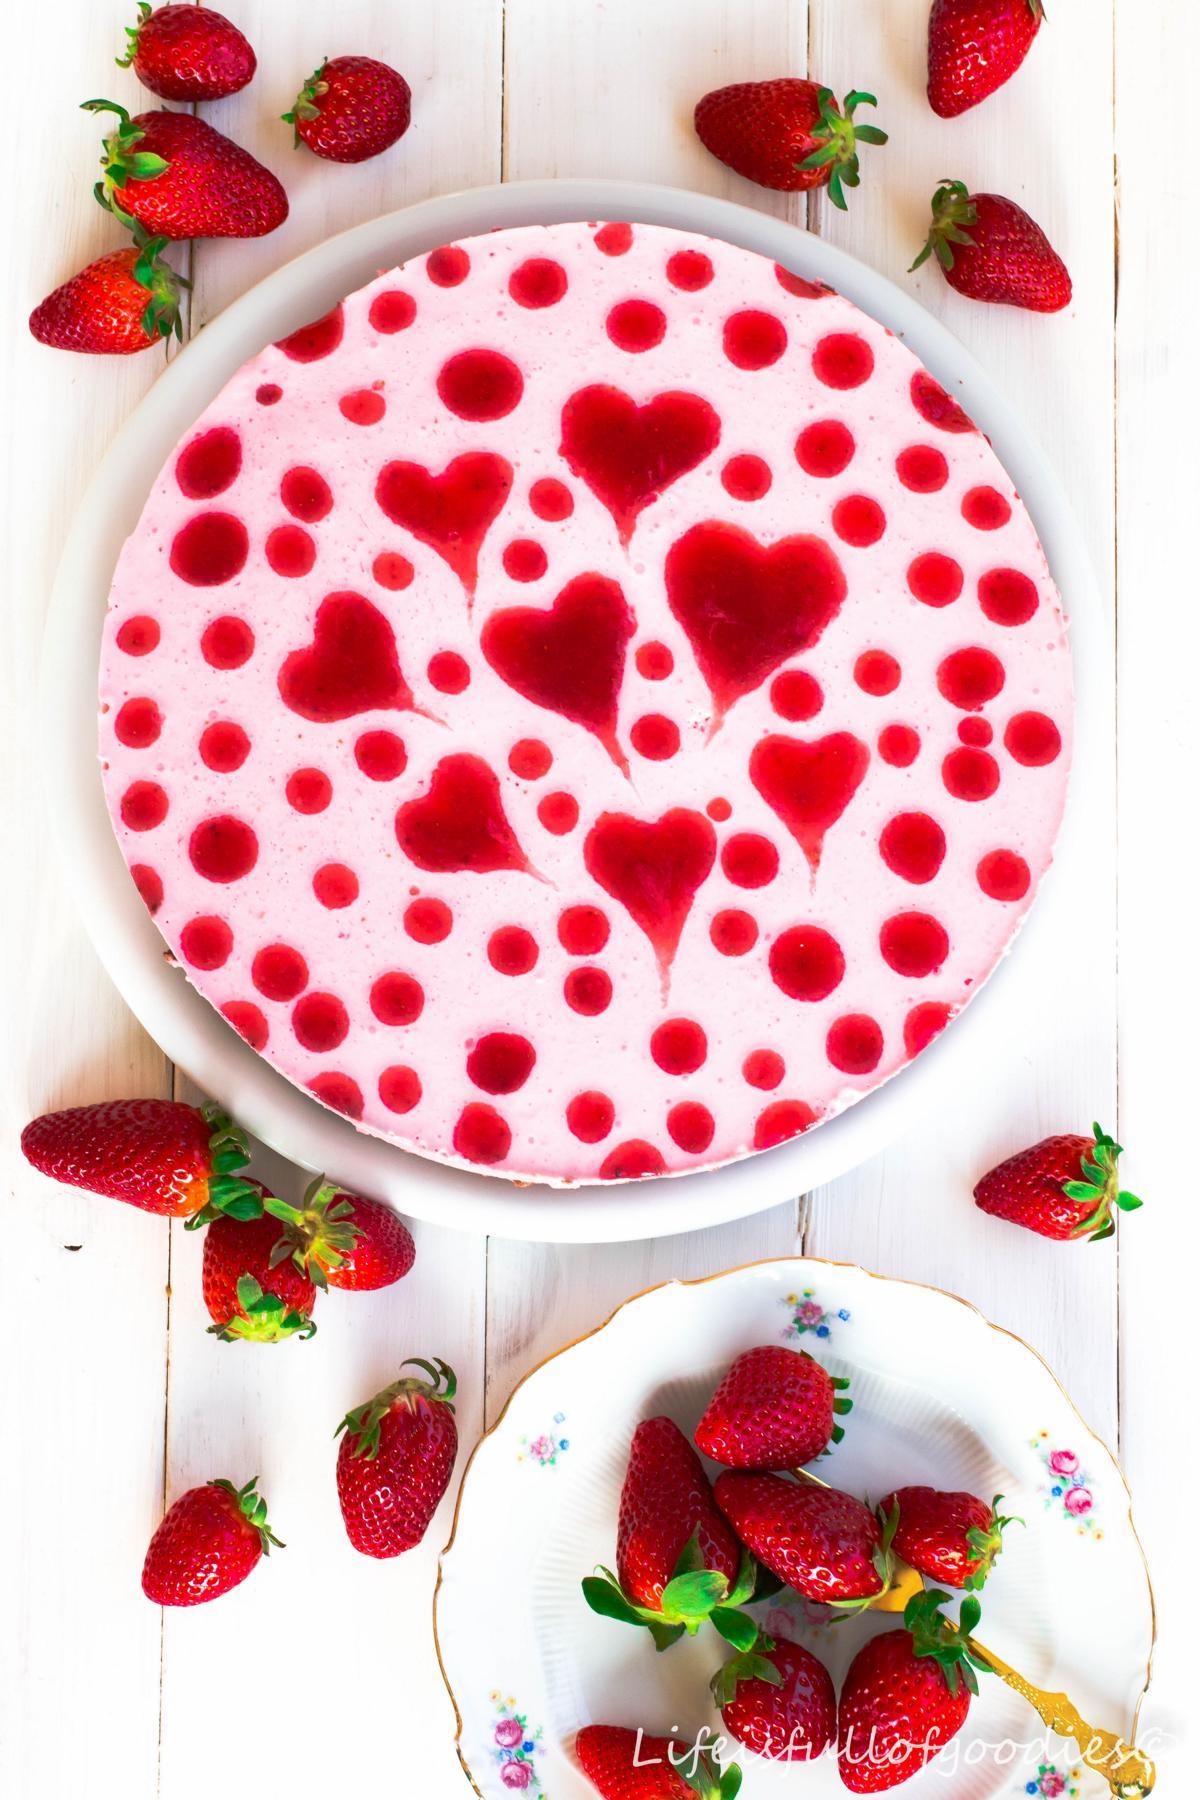 Herziger Erdbeer-Joghurt-Kuchen - Life Is Full Of Goodies